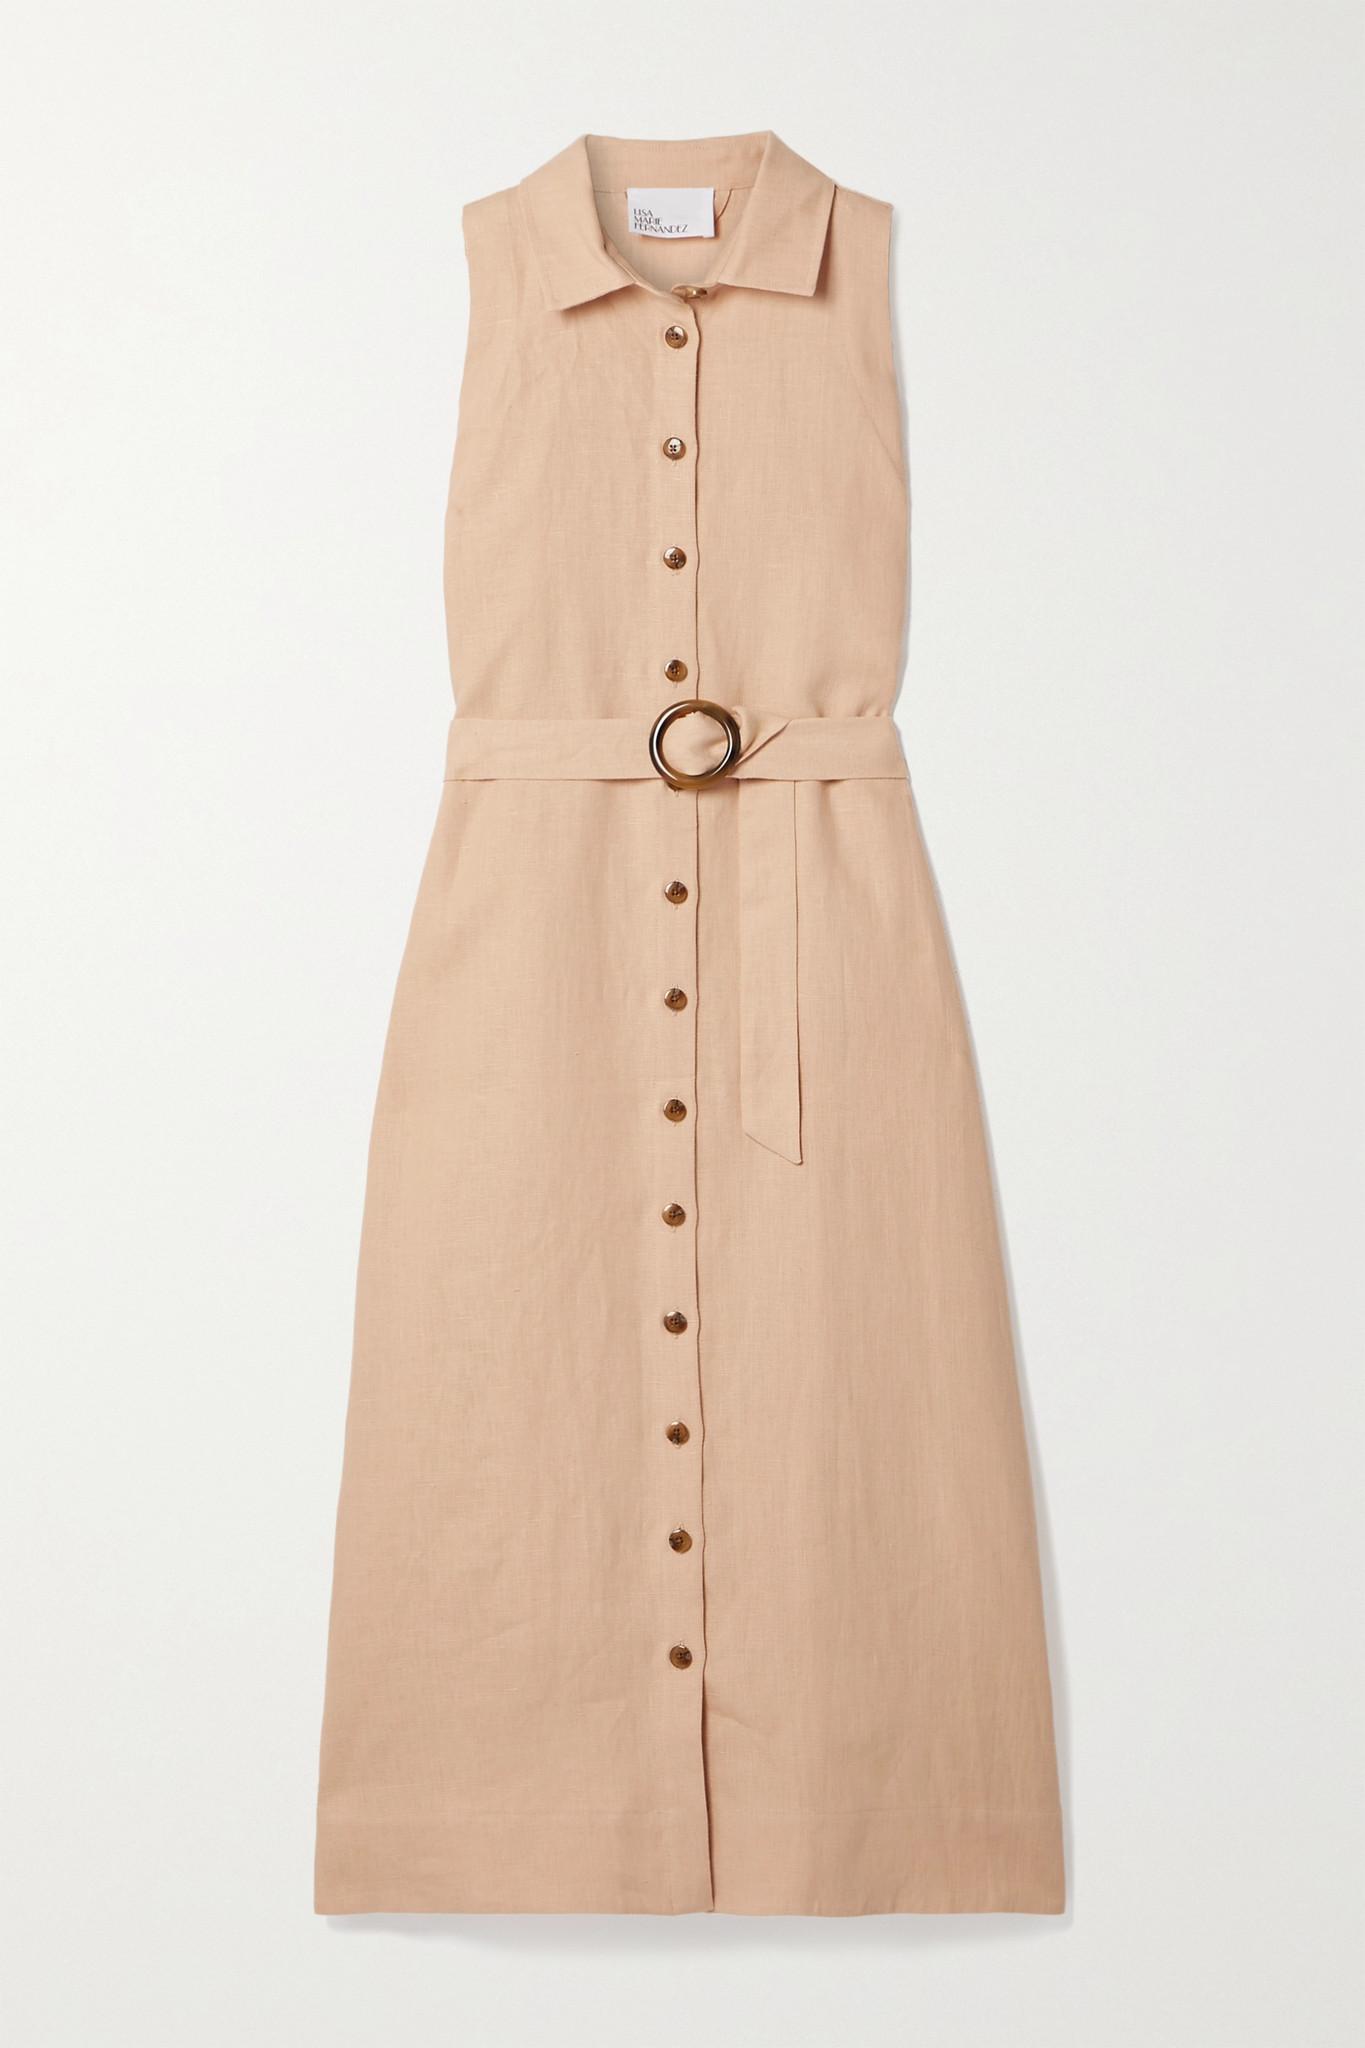 LISA MARIE FERNANDEZ - 【net Sustain】 Alison 亚麻中长连衣裙 - 粉红色 - 1